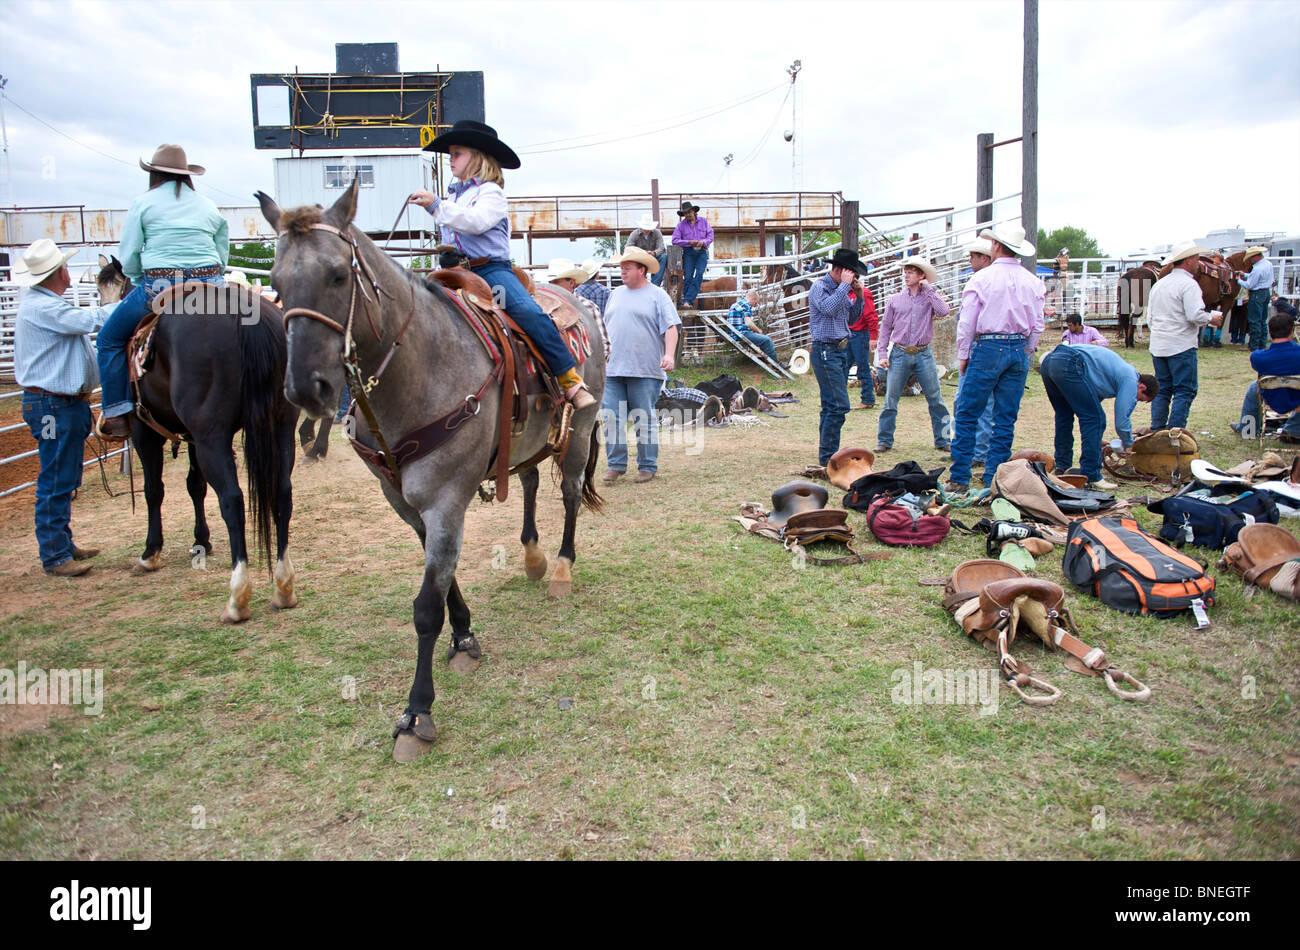 Cowgirl cheval de coulisses à l'érythroblastopénie événement rodéo à Petite-ville Bridgeport, Texas, États-Unis Banque D'Images